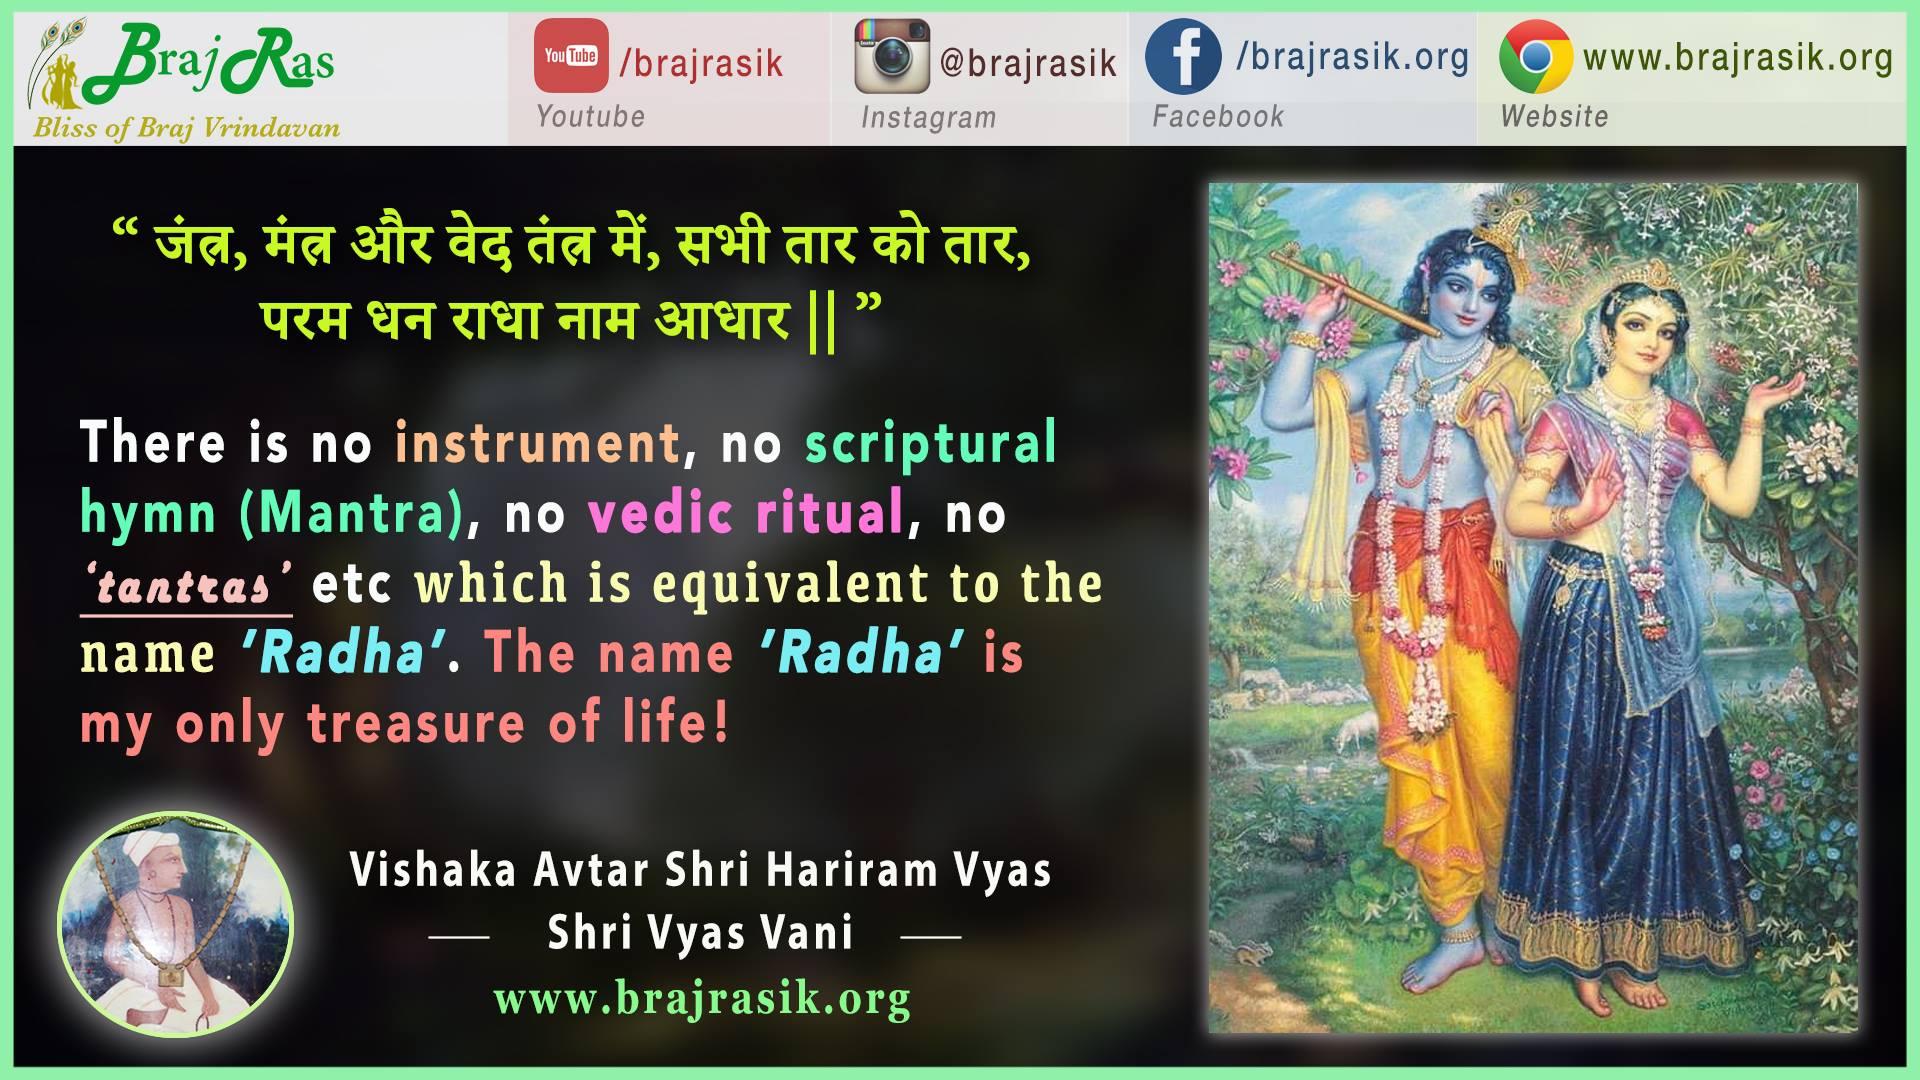 Jantra Mantra Aur Veda Tantra Mein - Vishakha Avtar Shri Hariram Vyas, Shri Vyas Vani